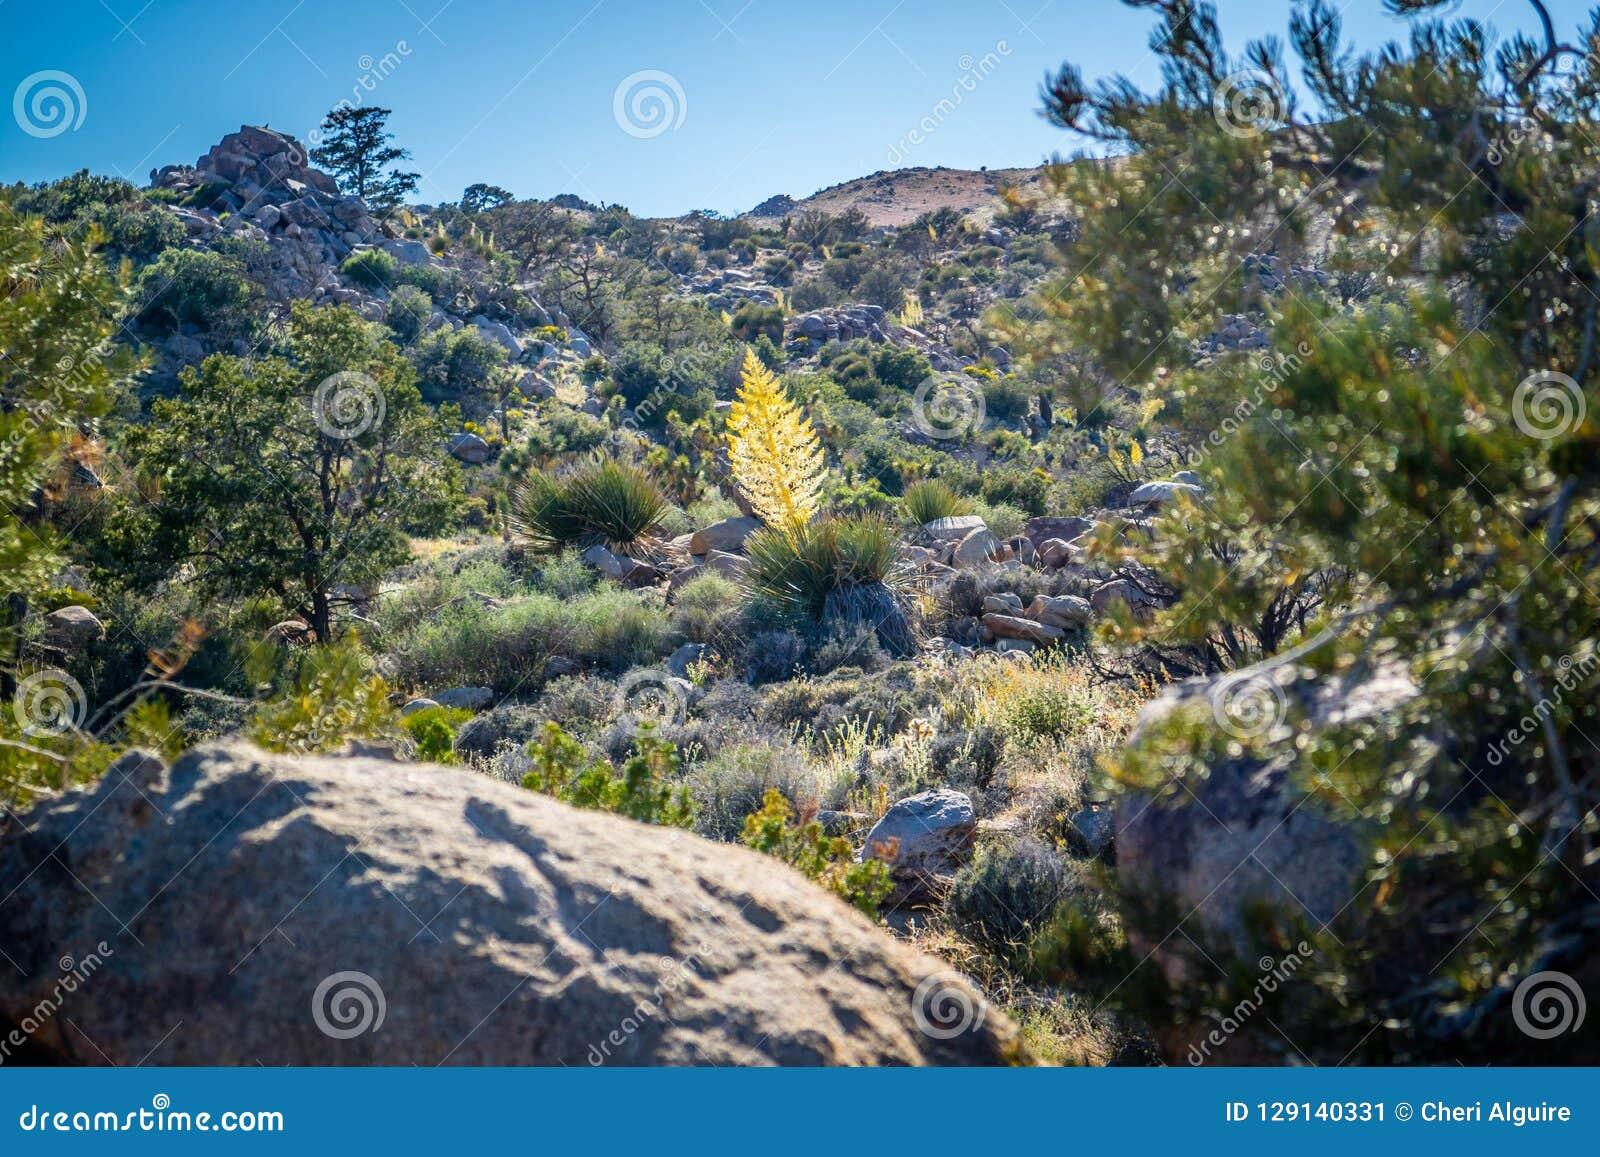 Een geelachtige Tamarack-Lariksboom in Joshua Tree National Park, Californië